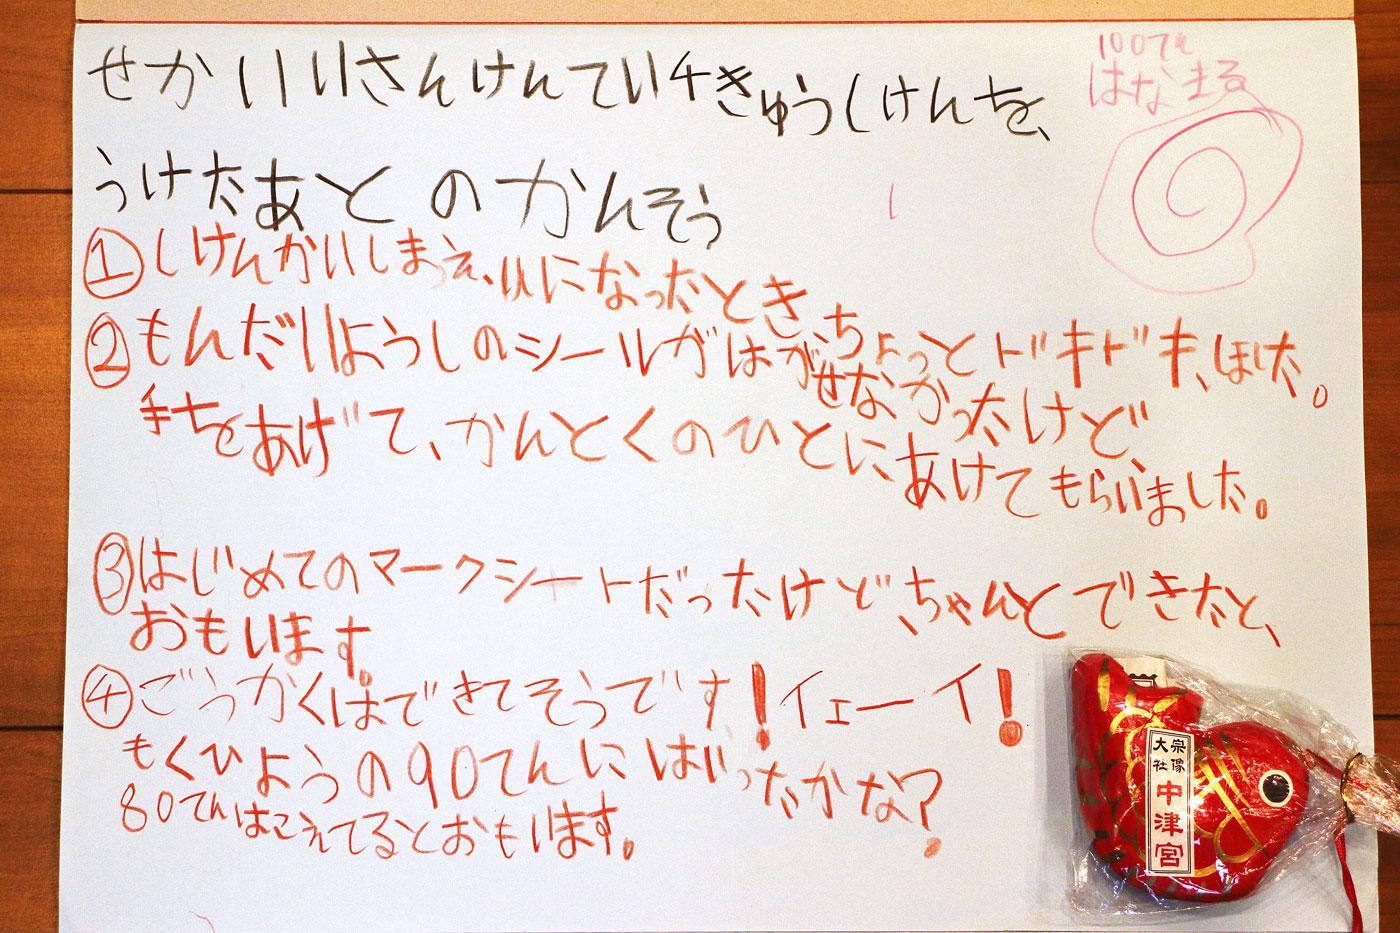 世界遺産検定4級過去問の感想(ナポレオン・ボナパルト)